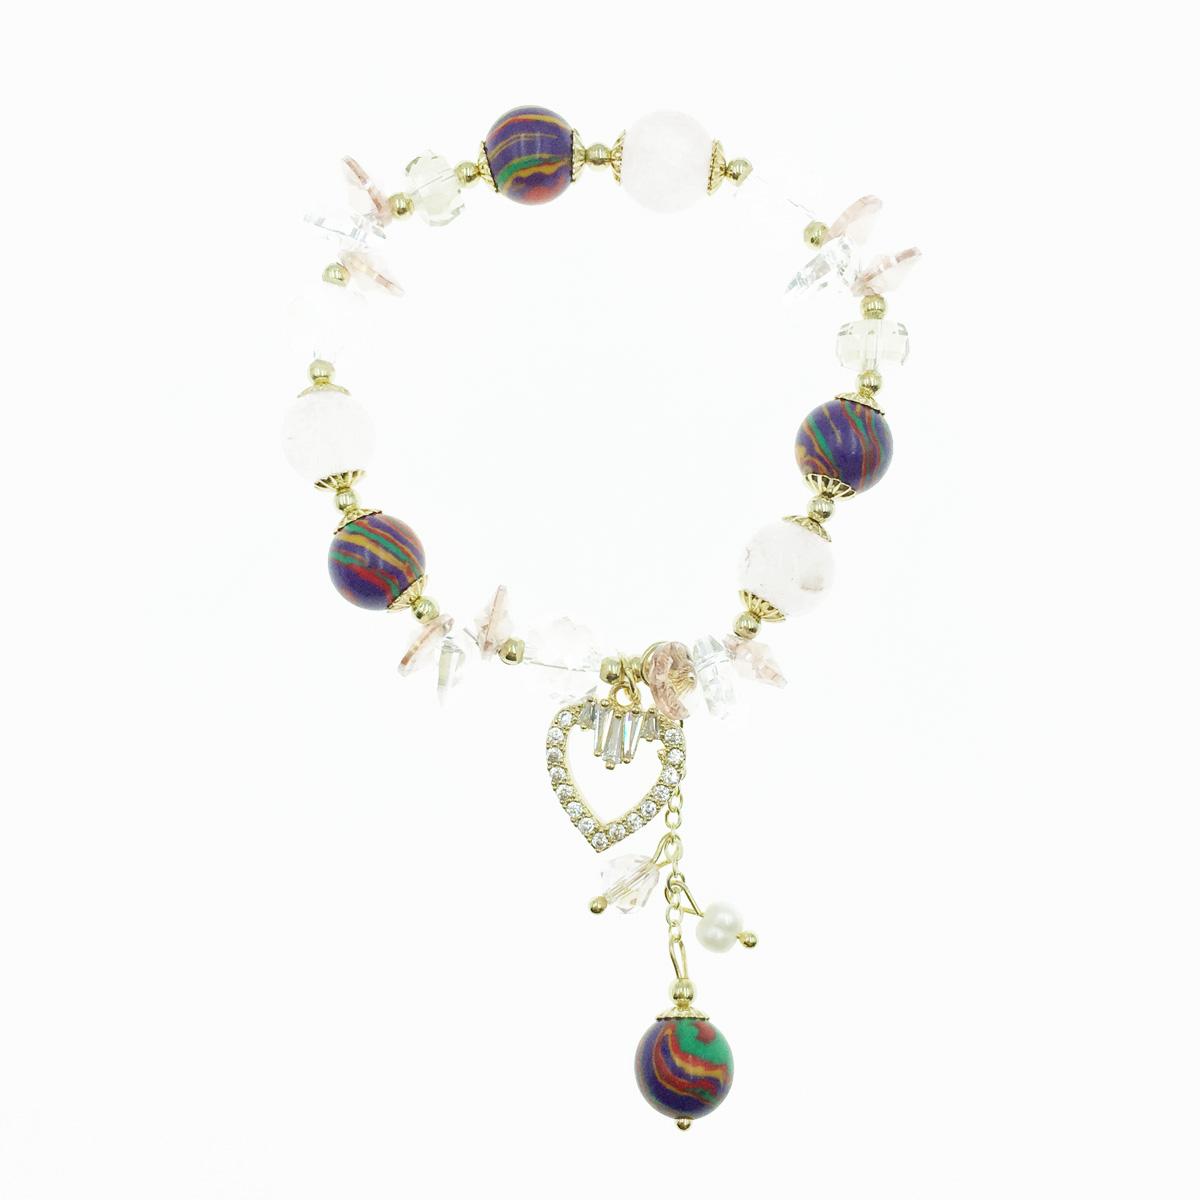 韓國 愛心水鑽 水晶 串珠 墜飾 手鍊